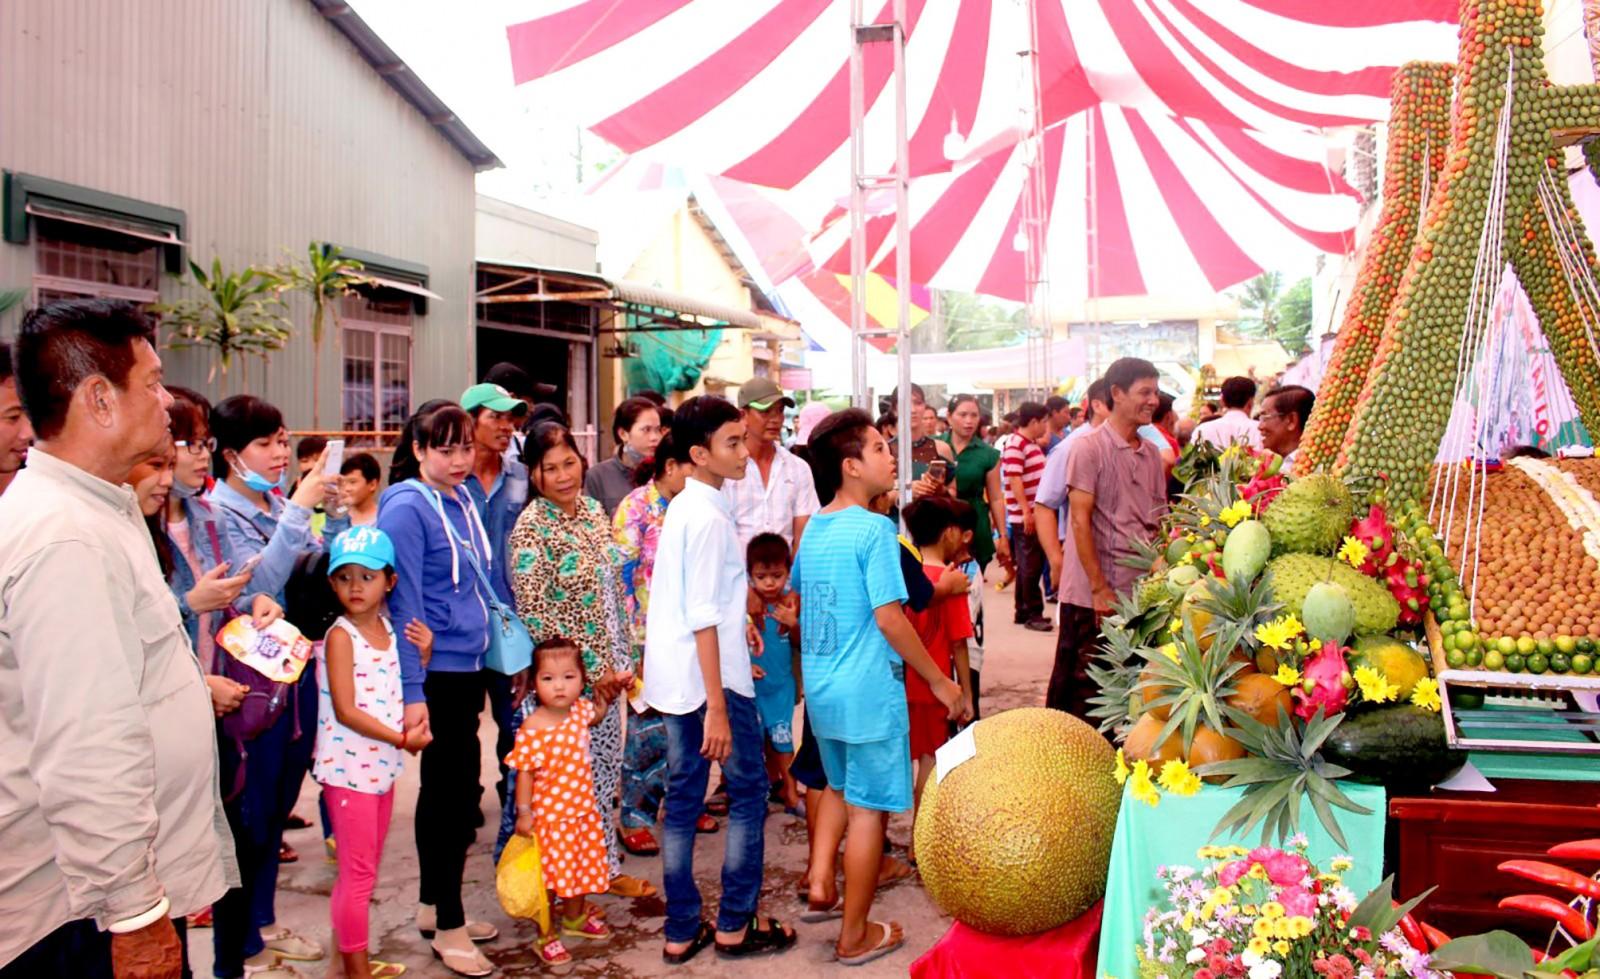 Khách tham quan thích thú trước những mâm trái cây được trang trí, tạo hình nghệ thuật đặc sắc và củ quả lạ tại lễ hội hằng năm. Ảnh: LỆ THU